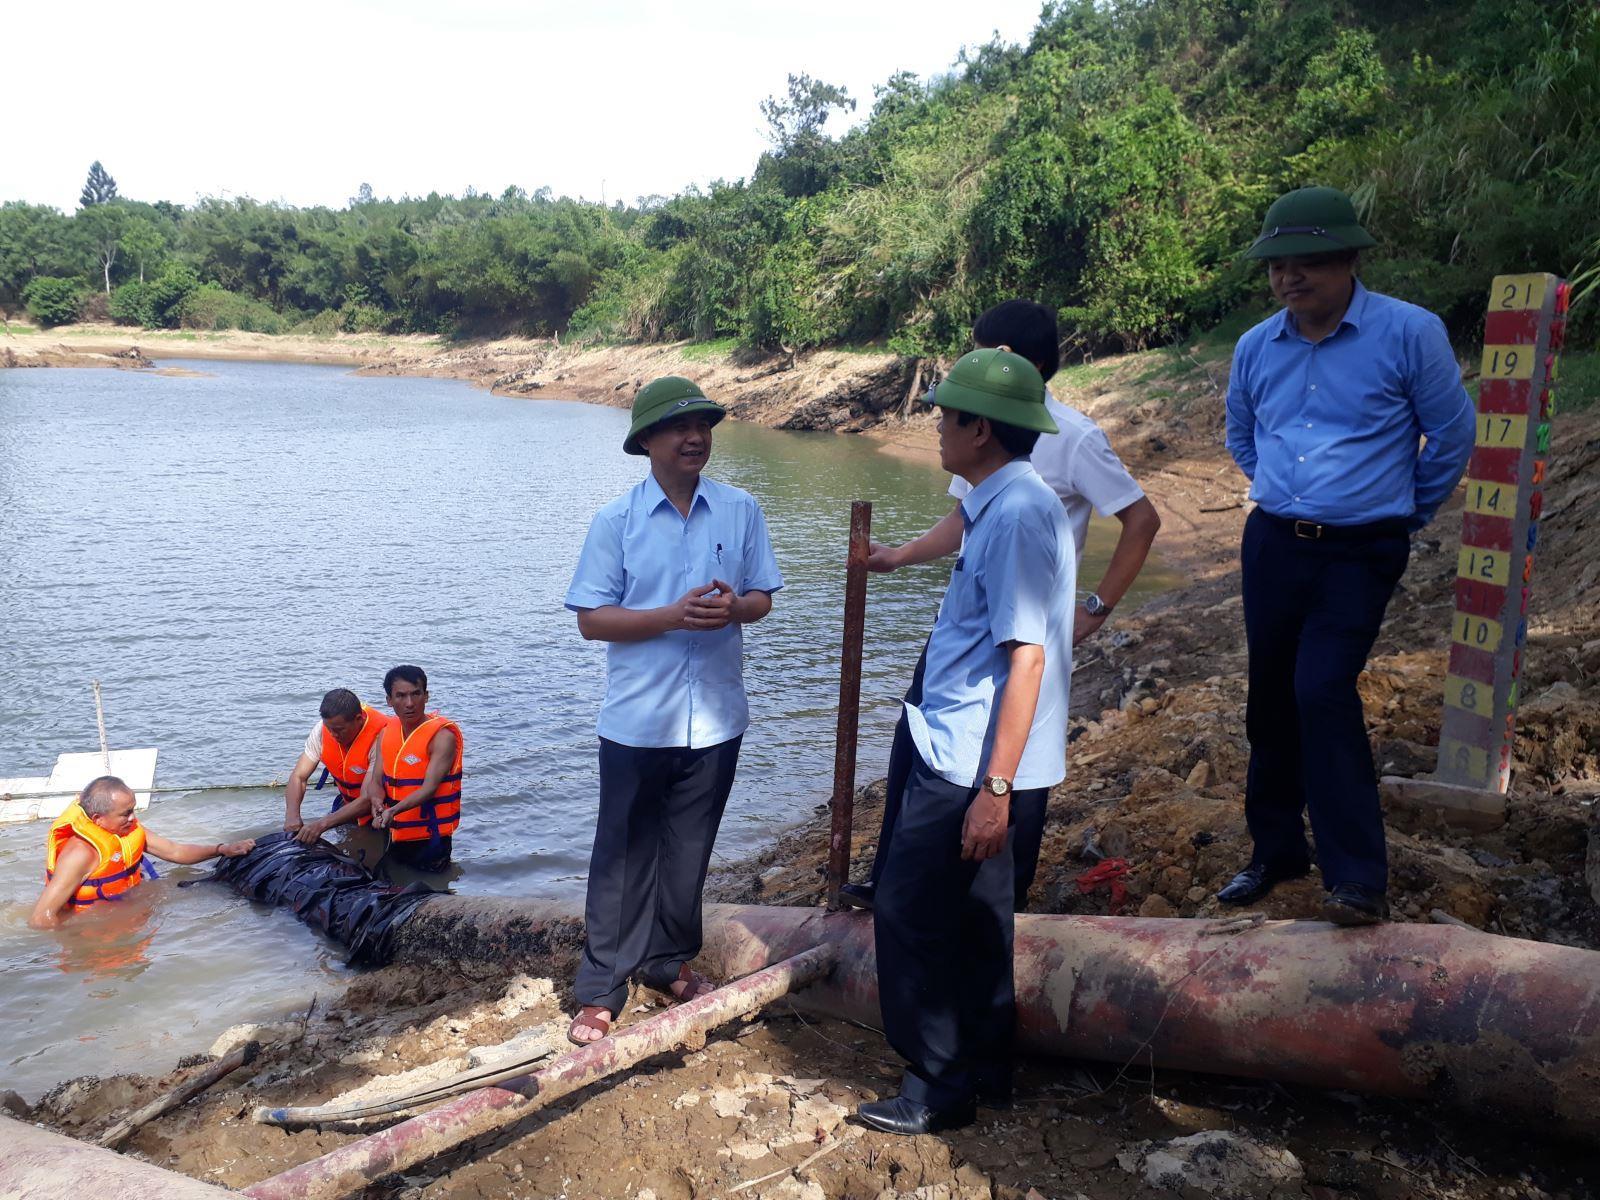 Chủ tịch UBND tỉnh Võ Văn Hưng kiểm tra nước sản xuất và sinh hoạt